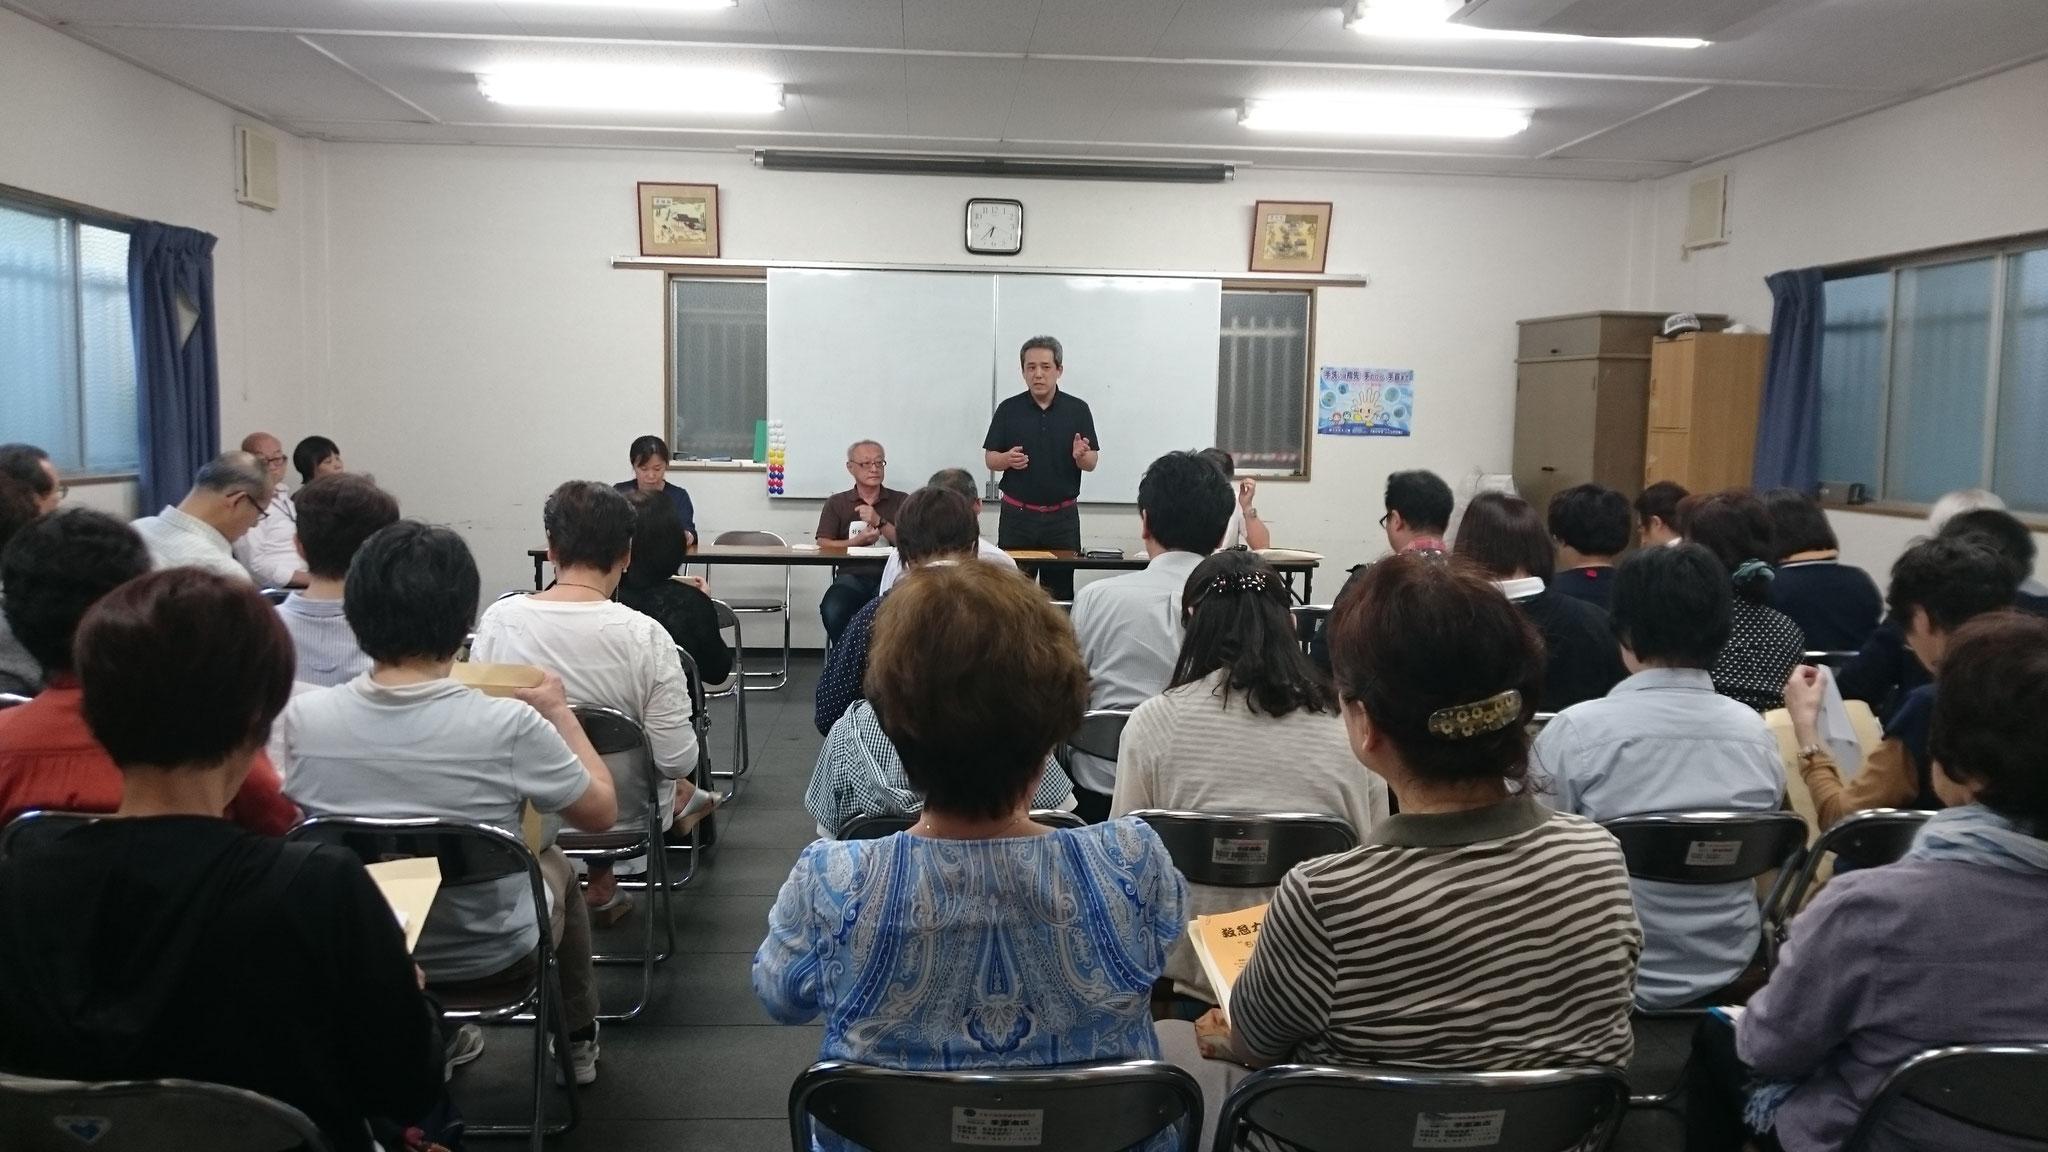 墨江地域活動協議会 会長挨拶